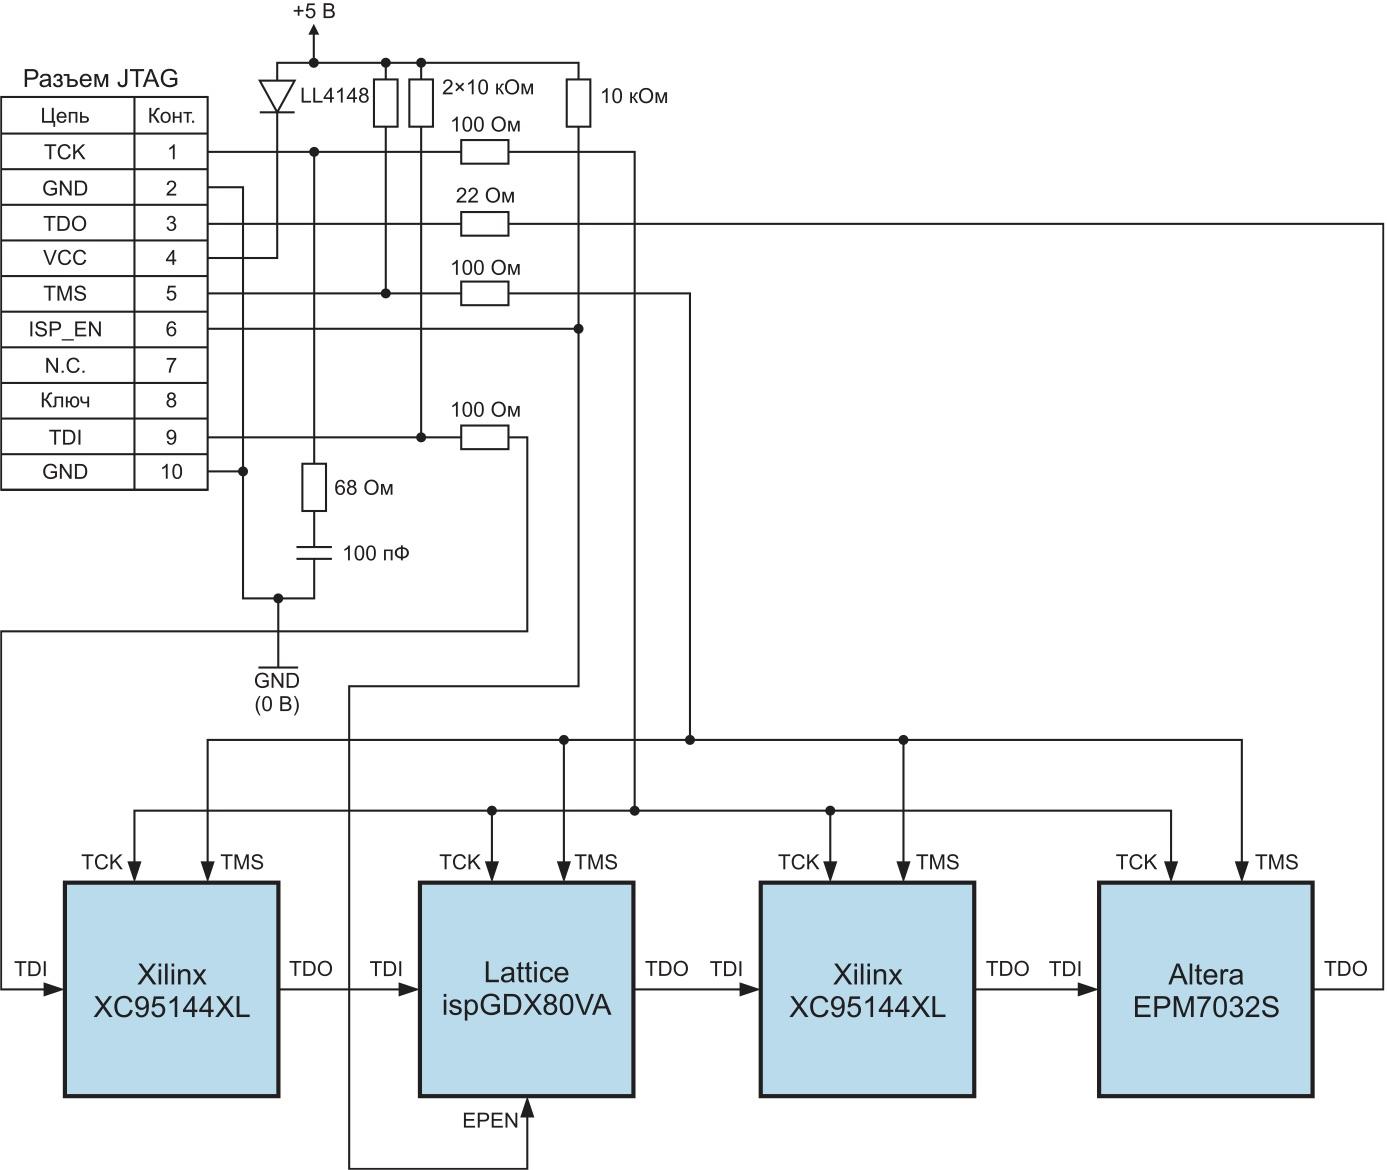 Схема смешанной JTAG-цепочки из четырех ПЛИС различных производителей